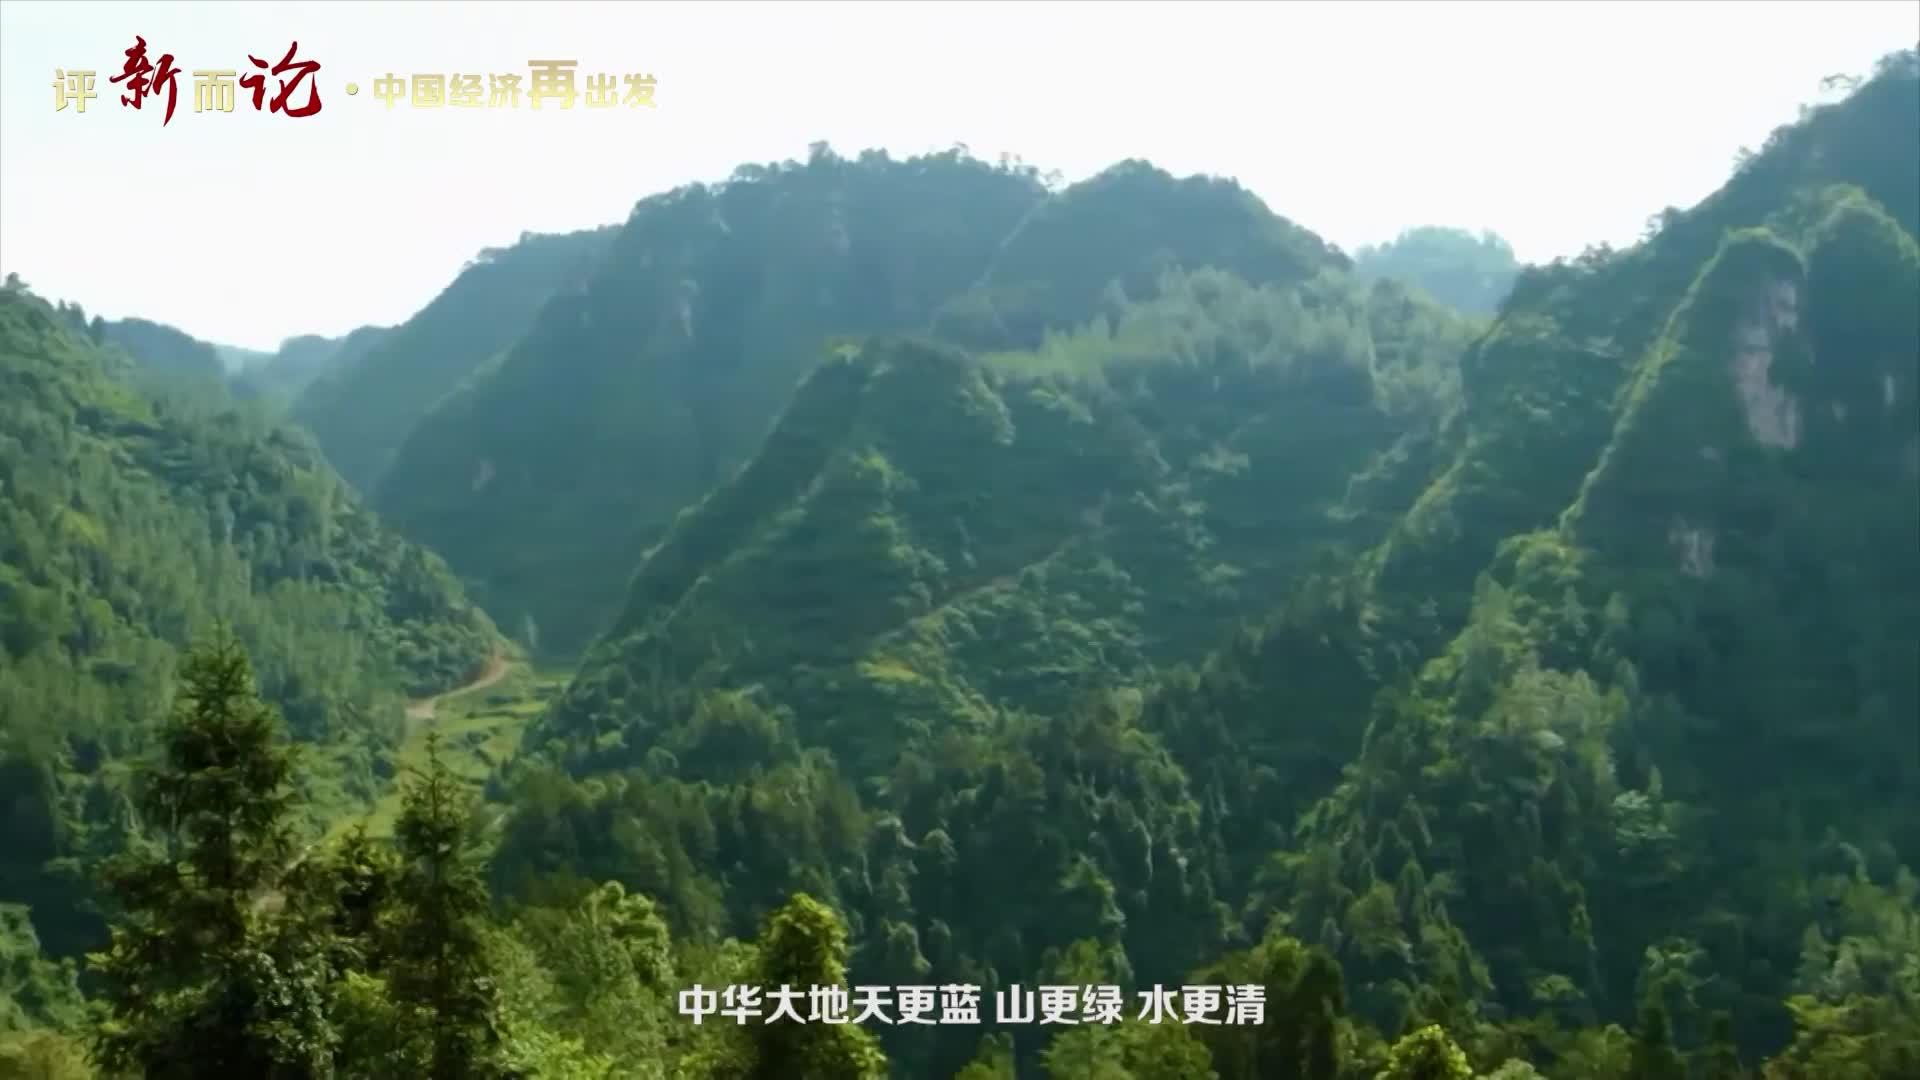 [视频]打好污染防治攻坚战 蓝天碧水净土一个都不能少